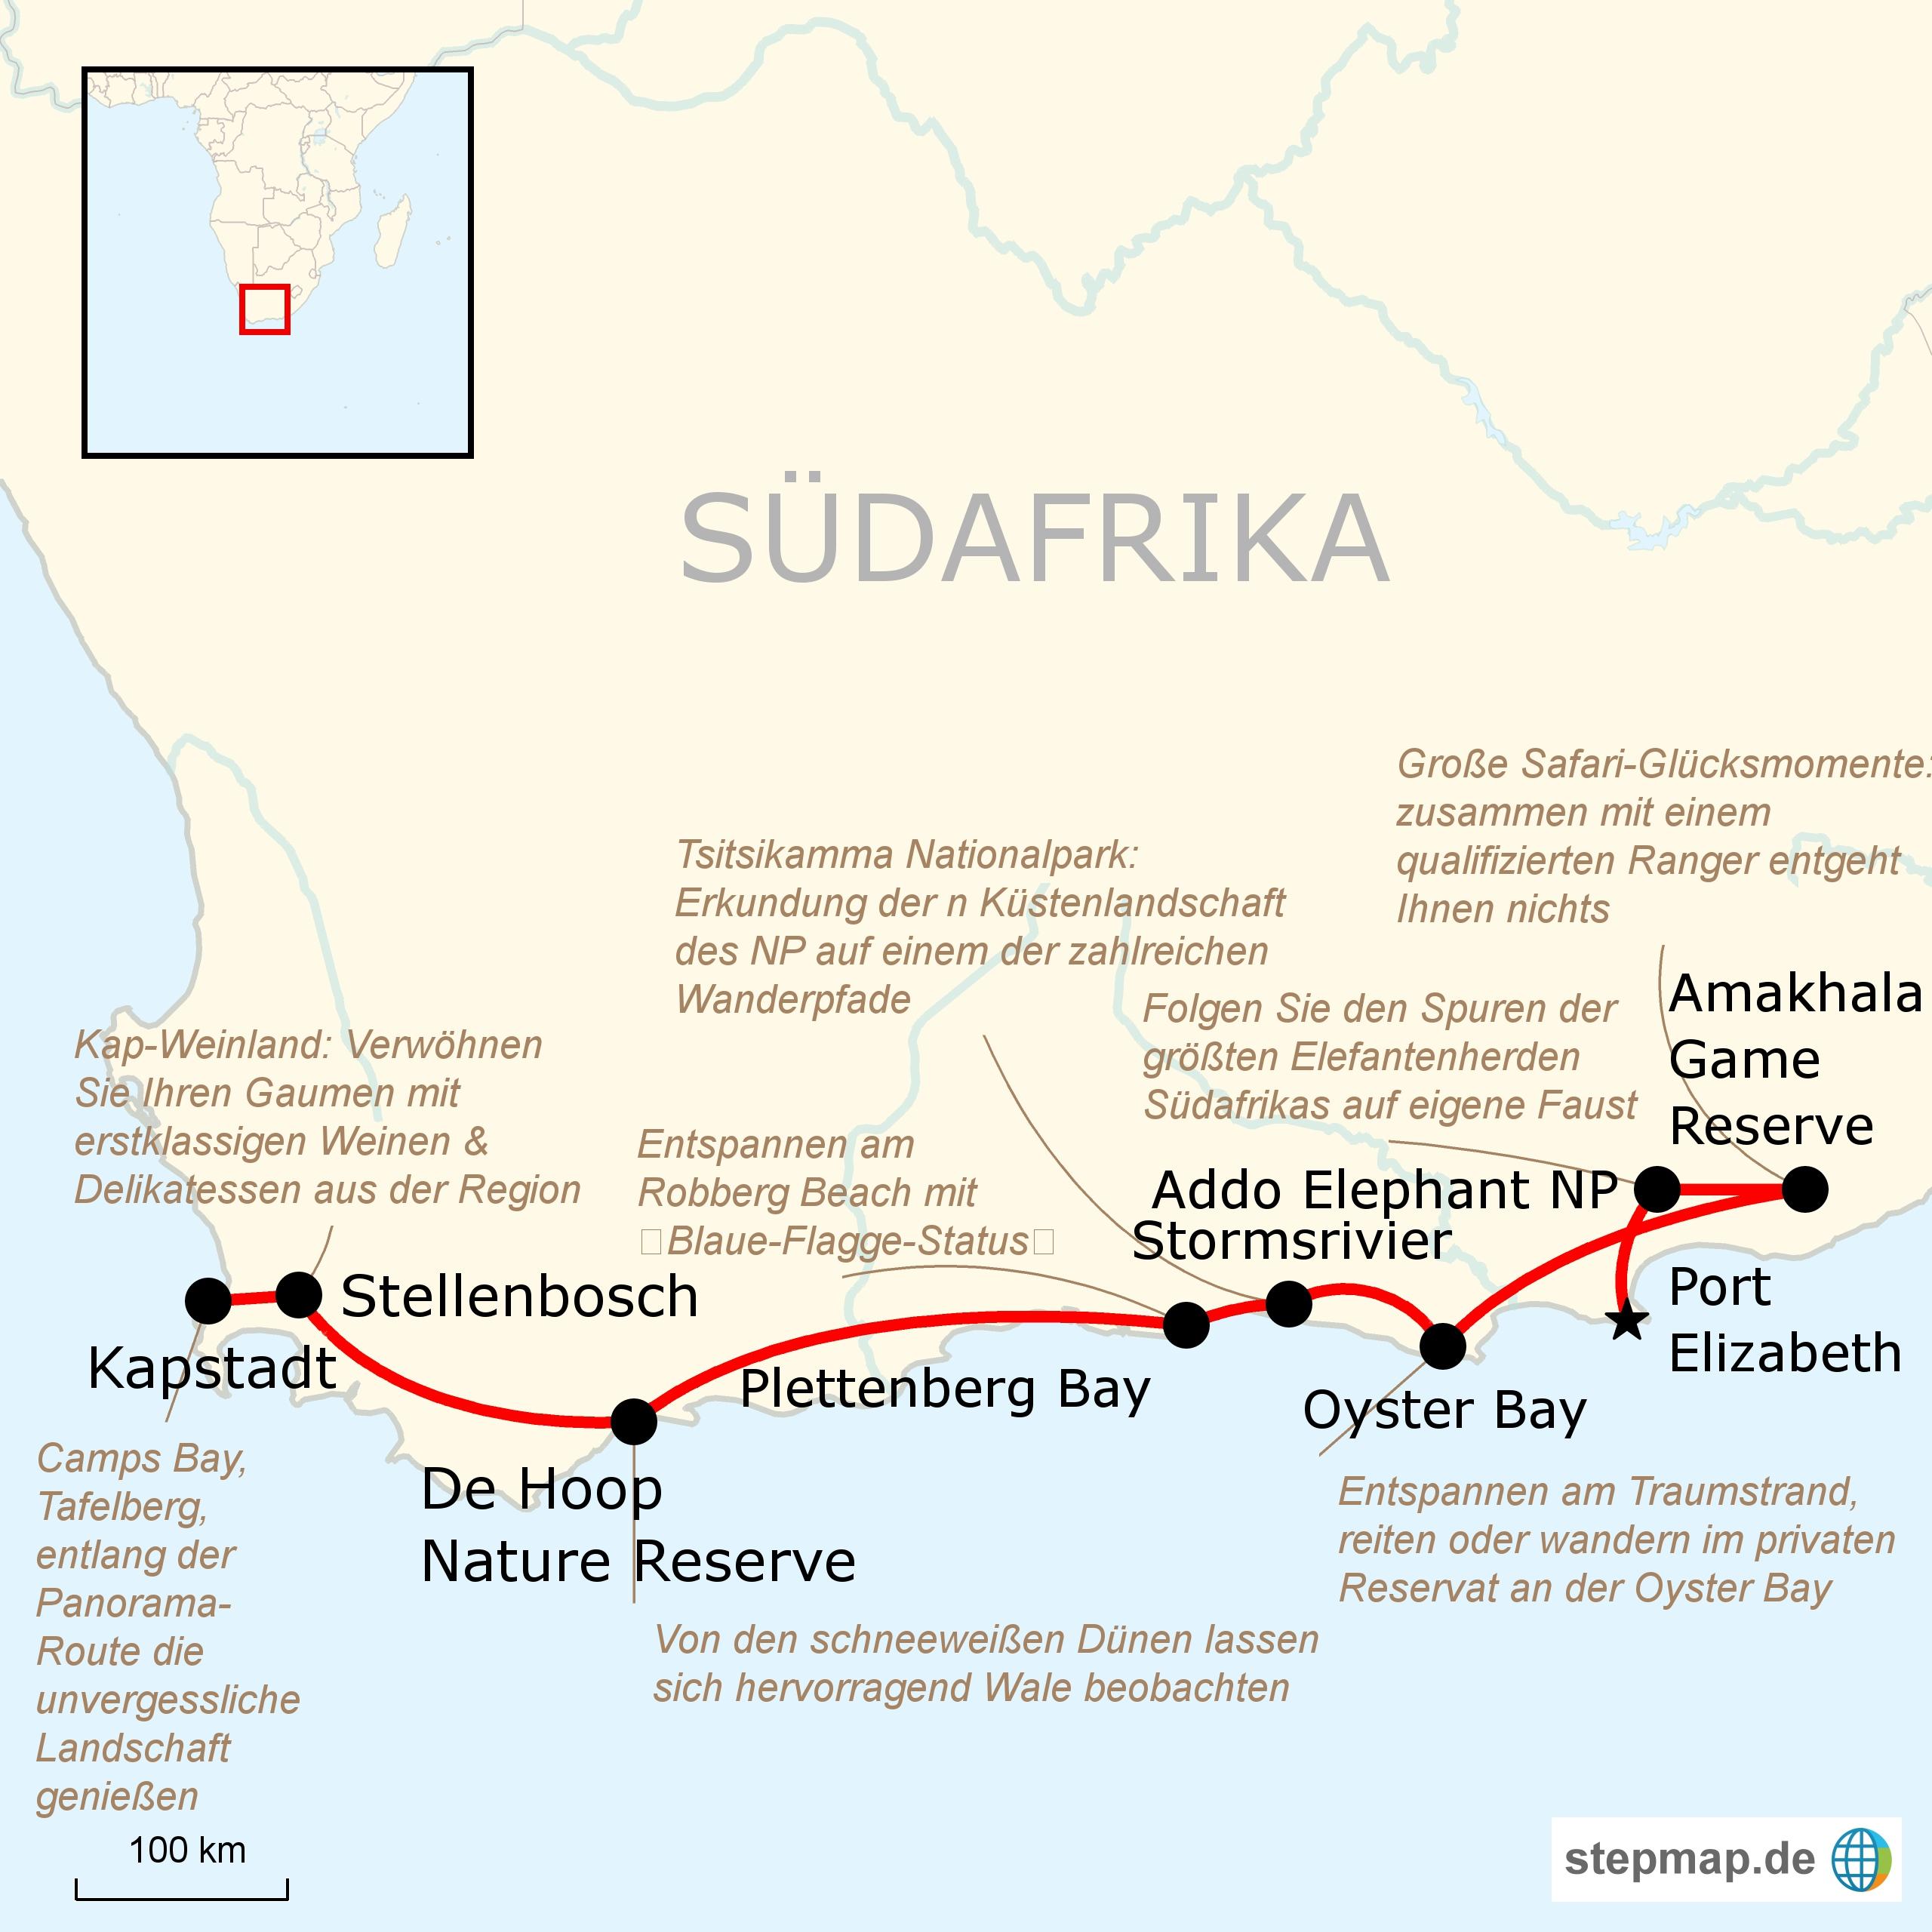 sudafrika auf eigene faust entlang der garden route With katzennetz balkon mit garden route tours